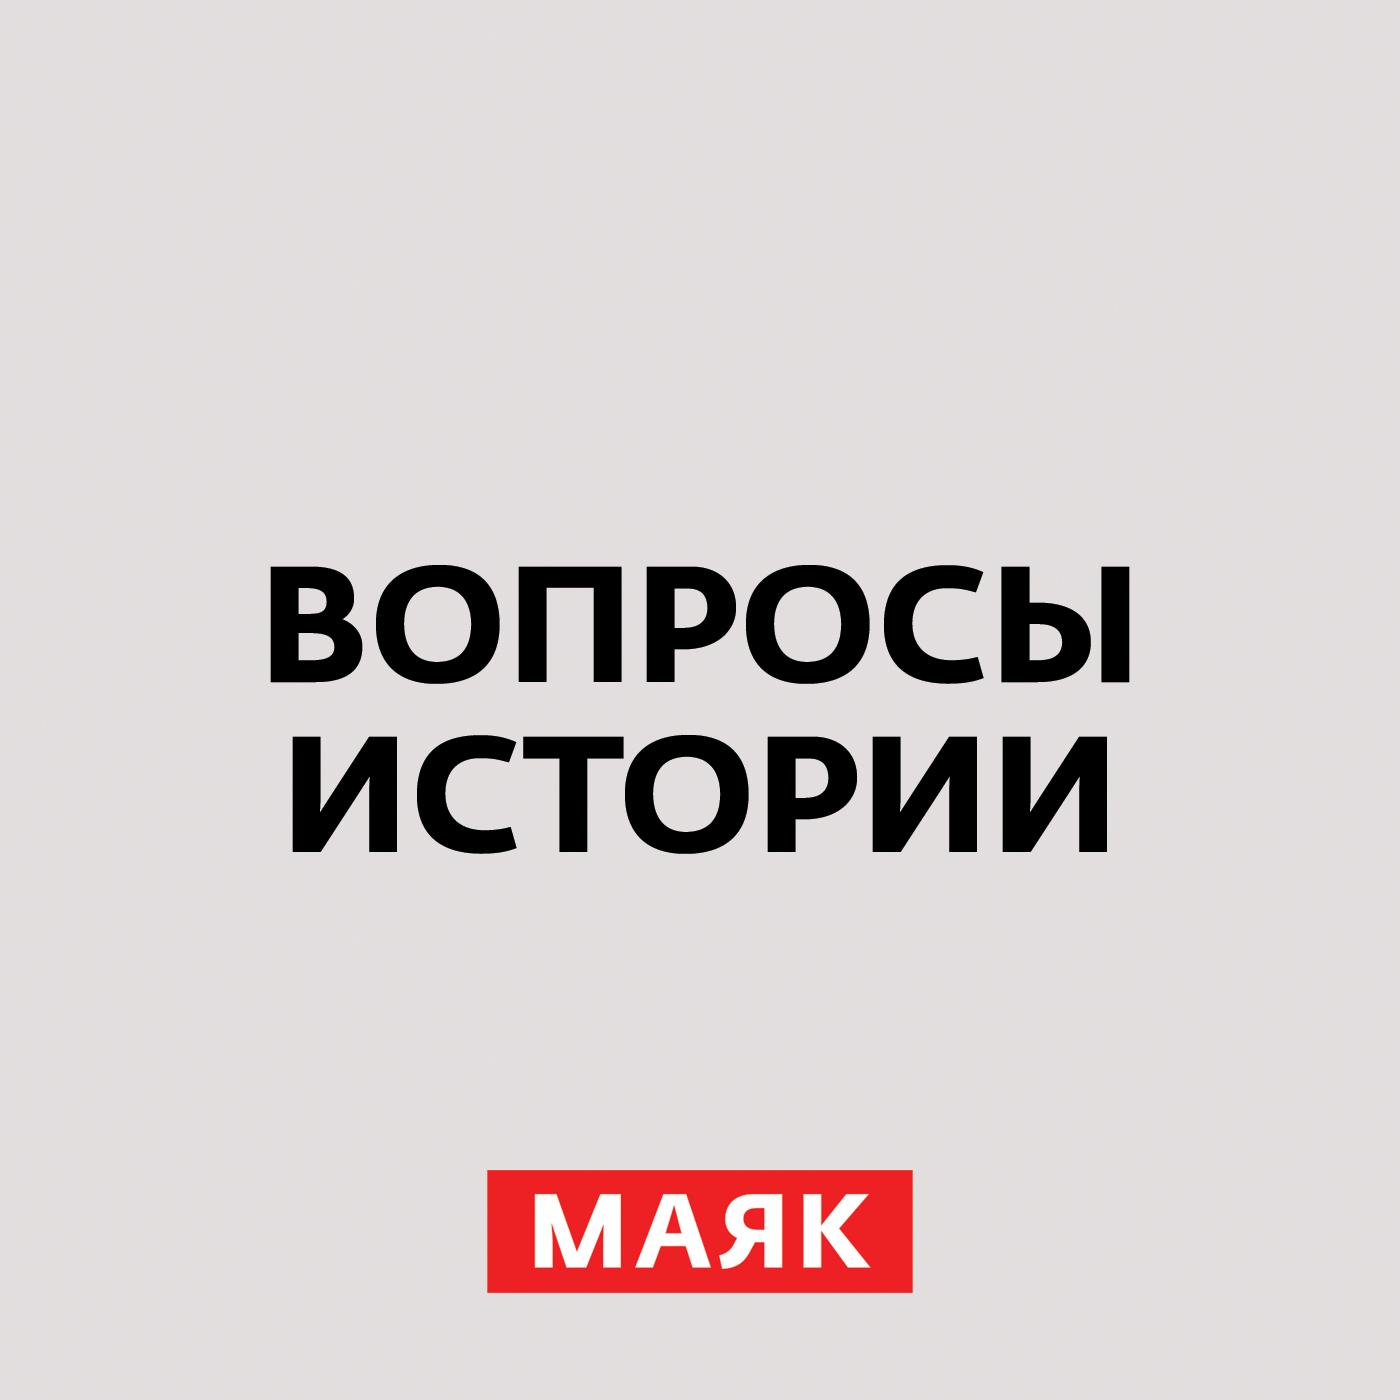 Андрей Светенко Что на самом деле было в июне 1941-го. Часть 3 андрей светенко осень 1941 го крещатик и бабий яр часть 3